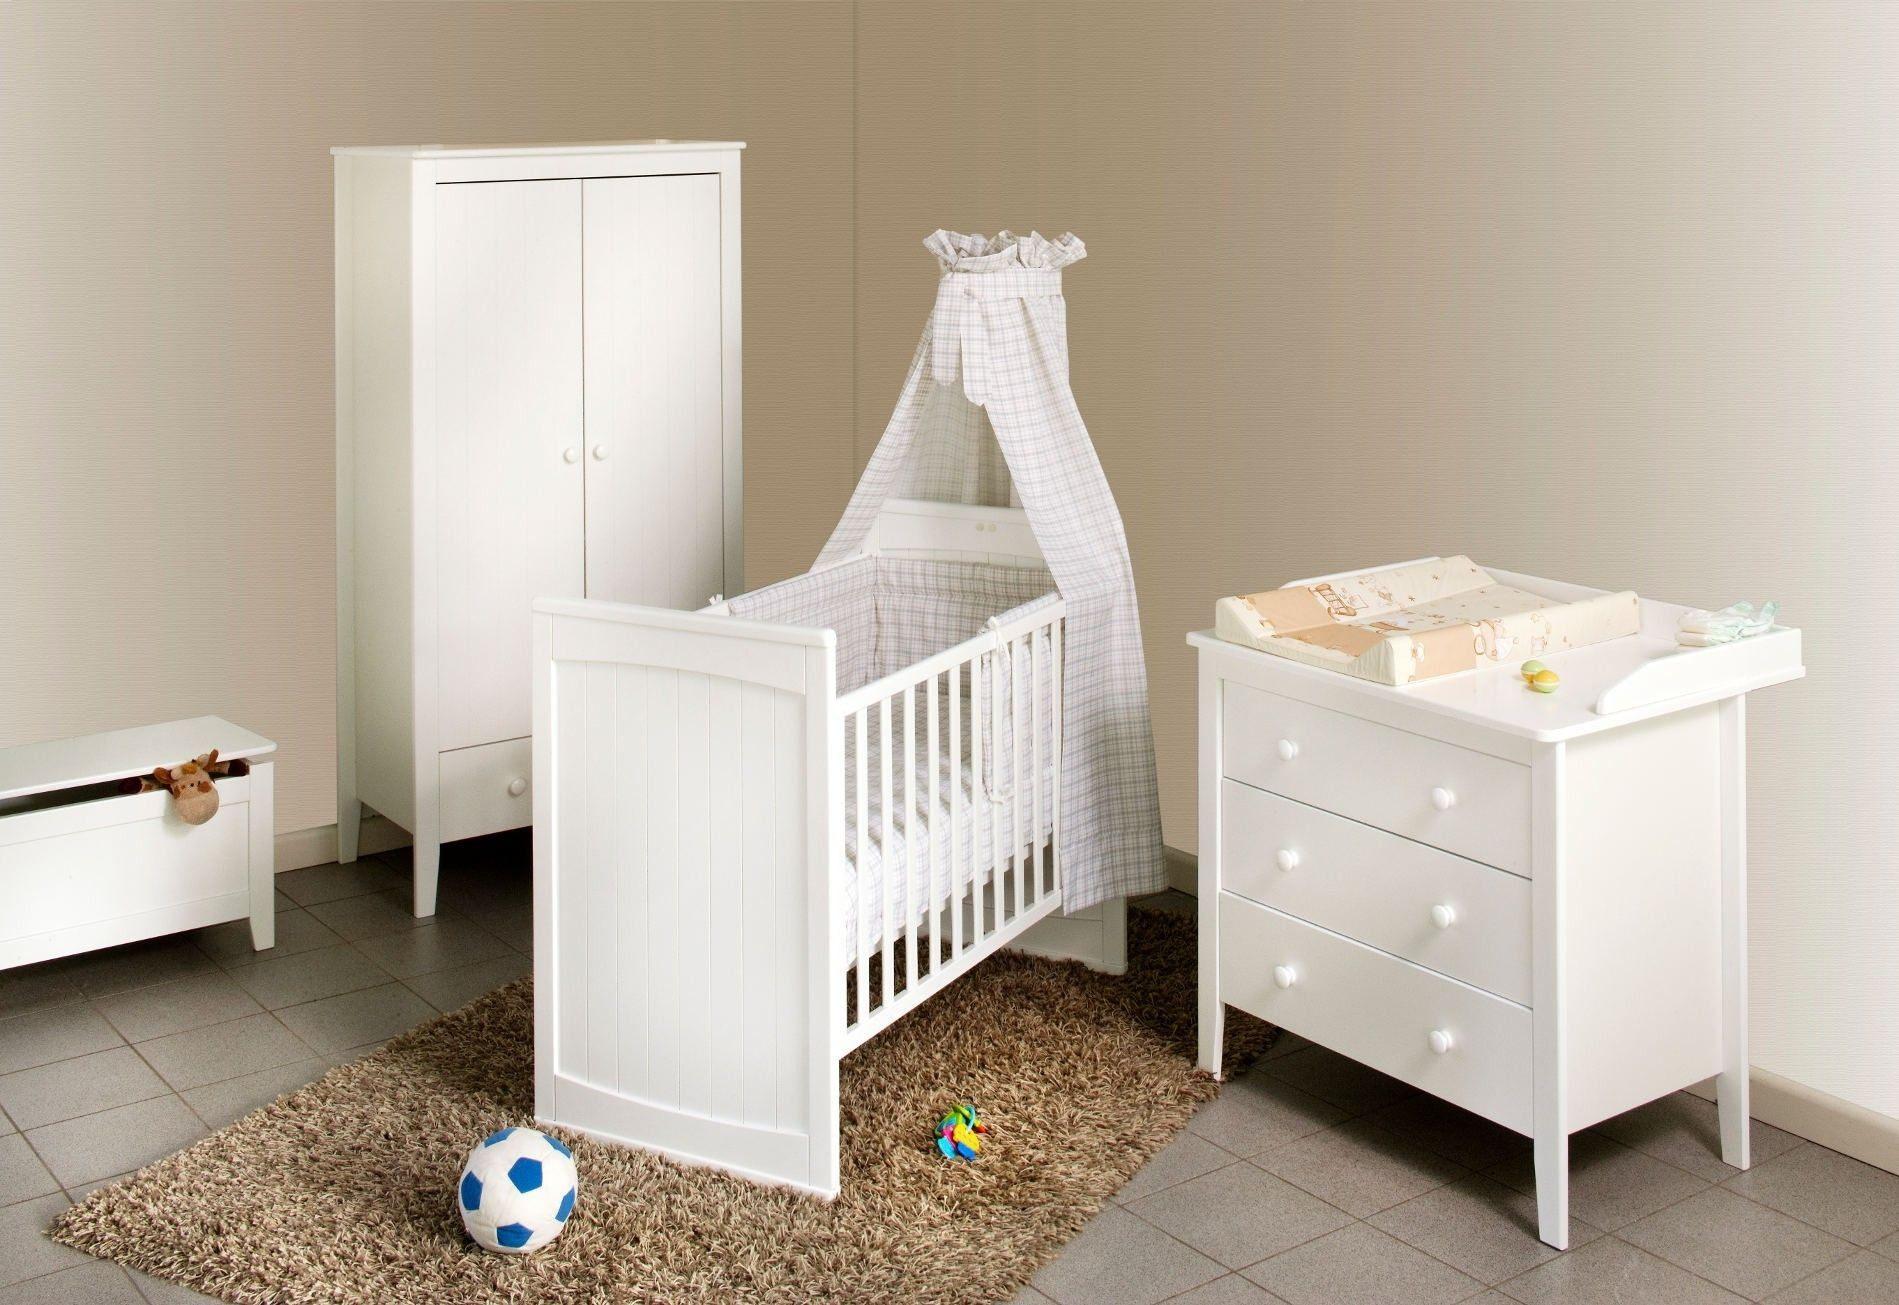 Lit Montessori Bébé 9 Mois Magnifique Chambre Bébé Montessori – Appiar